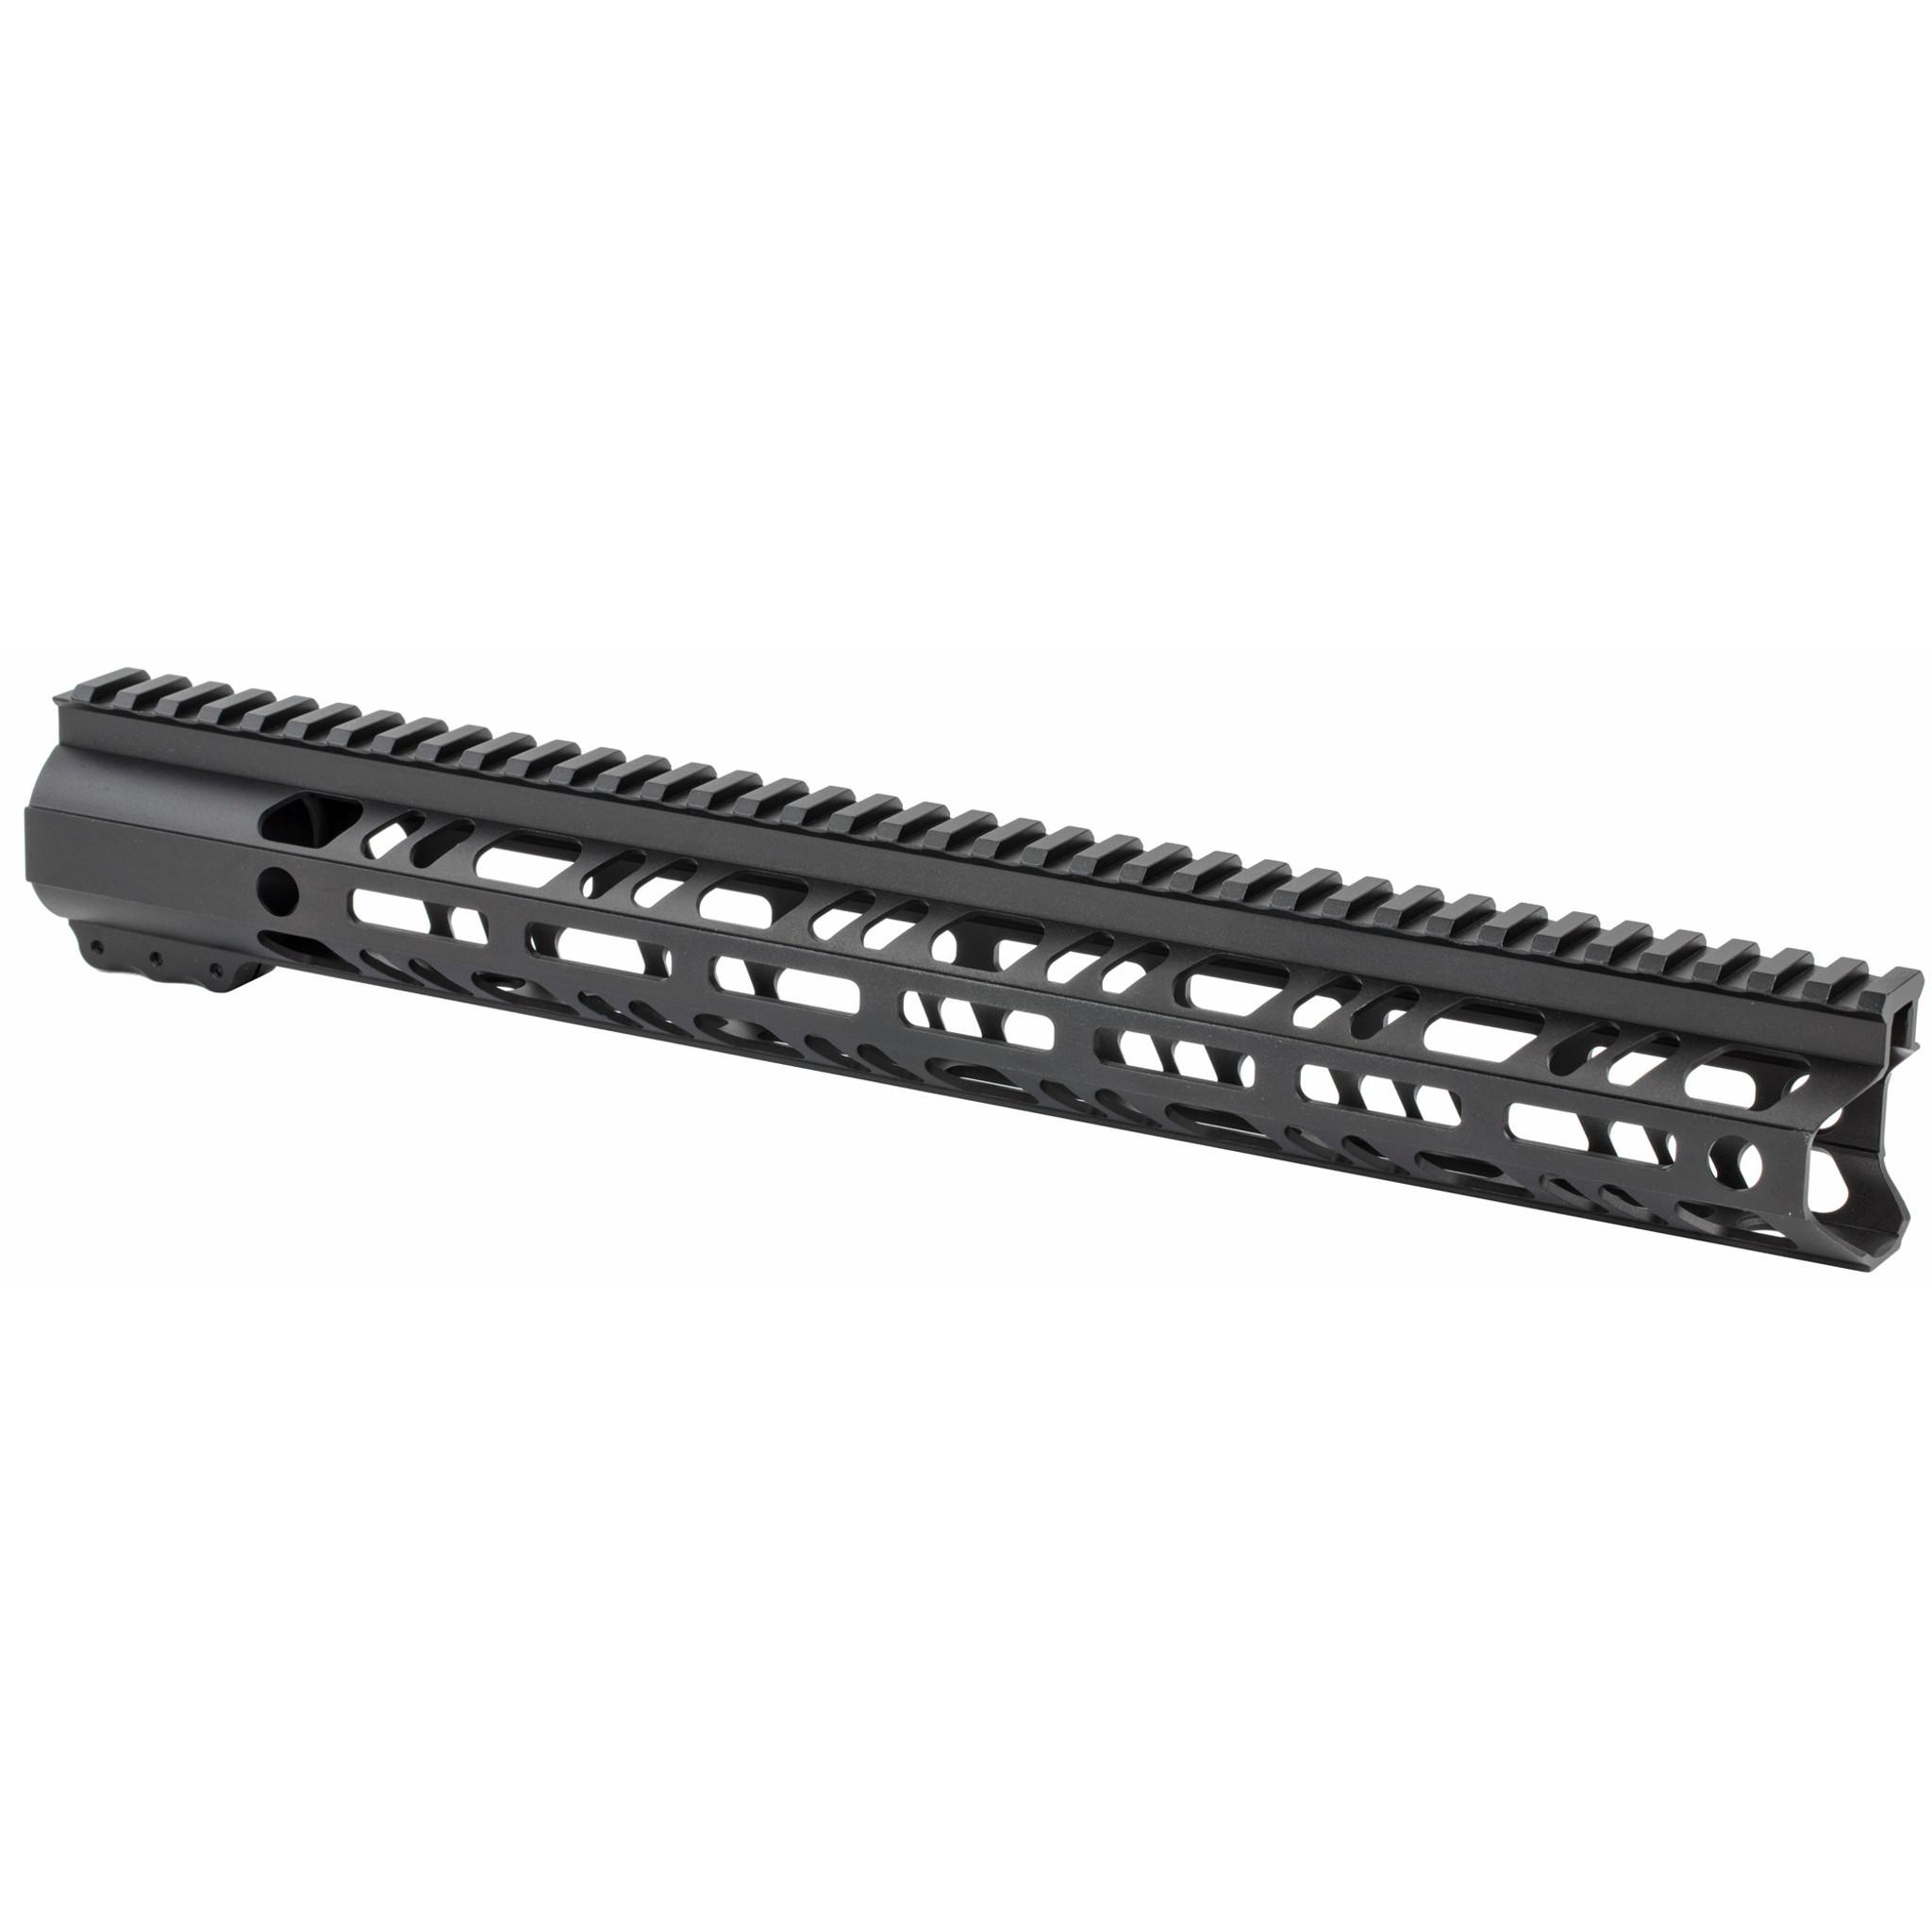 2A Armament Builder Series M-LOK Handguard - 15